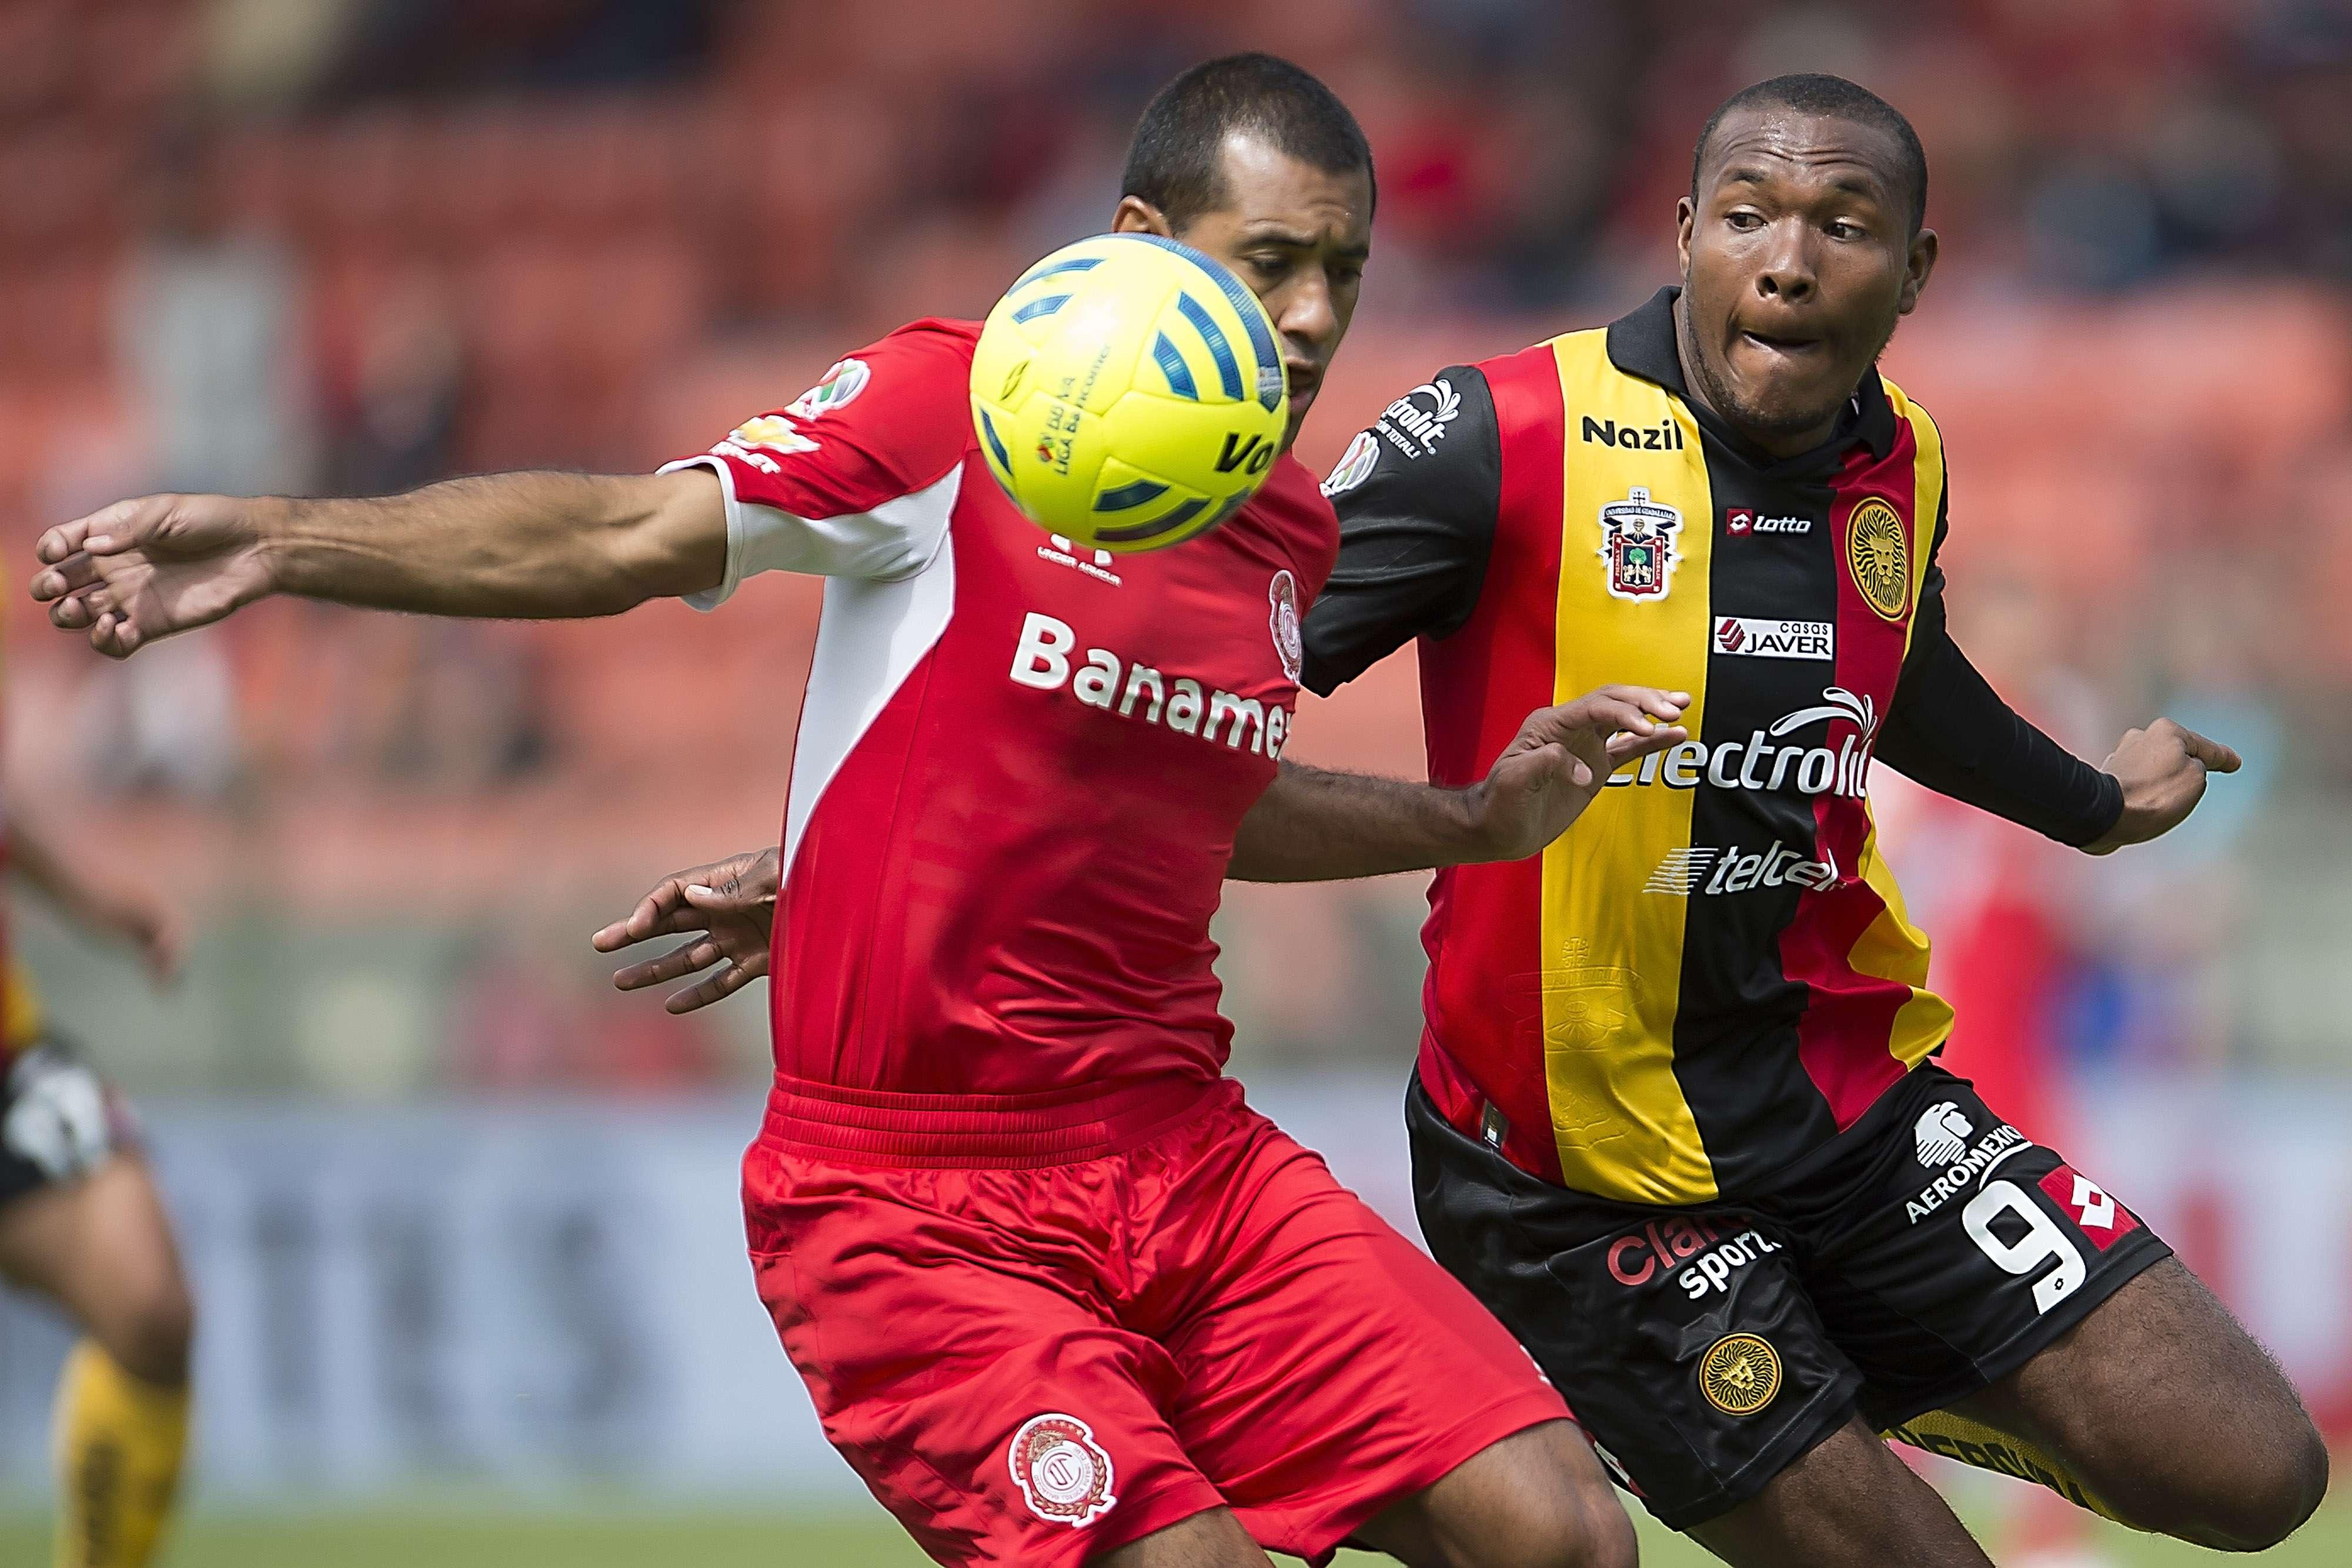 Toluca derrotó 3-1 a Leones Negros. Foto: Mexsport